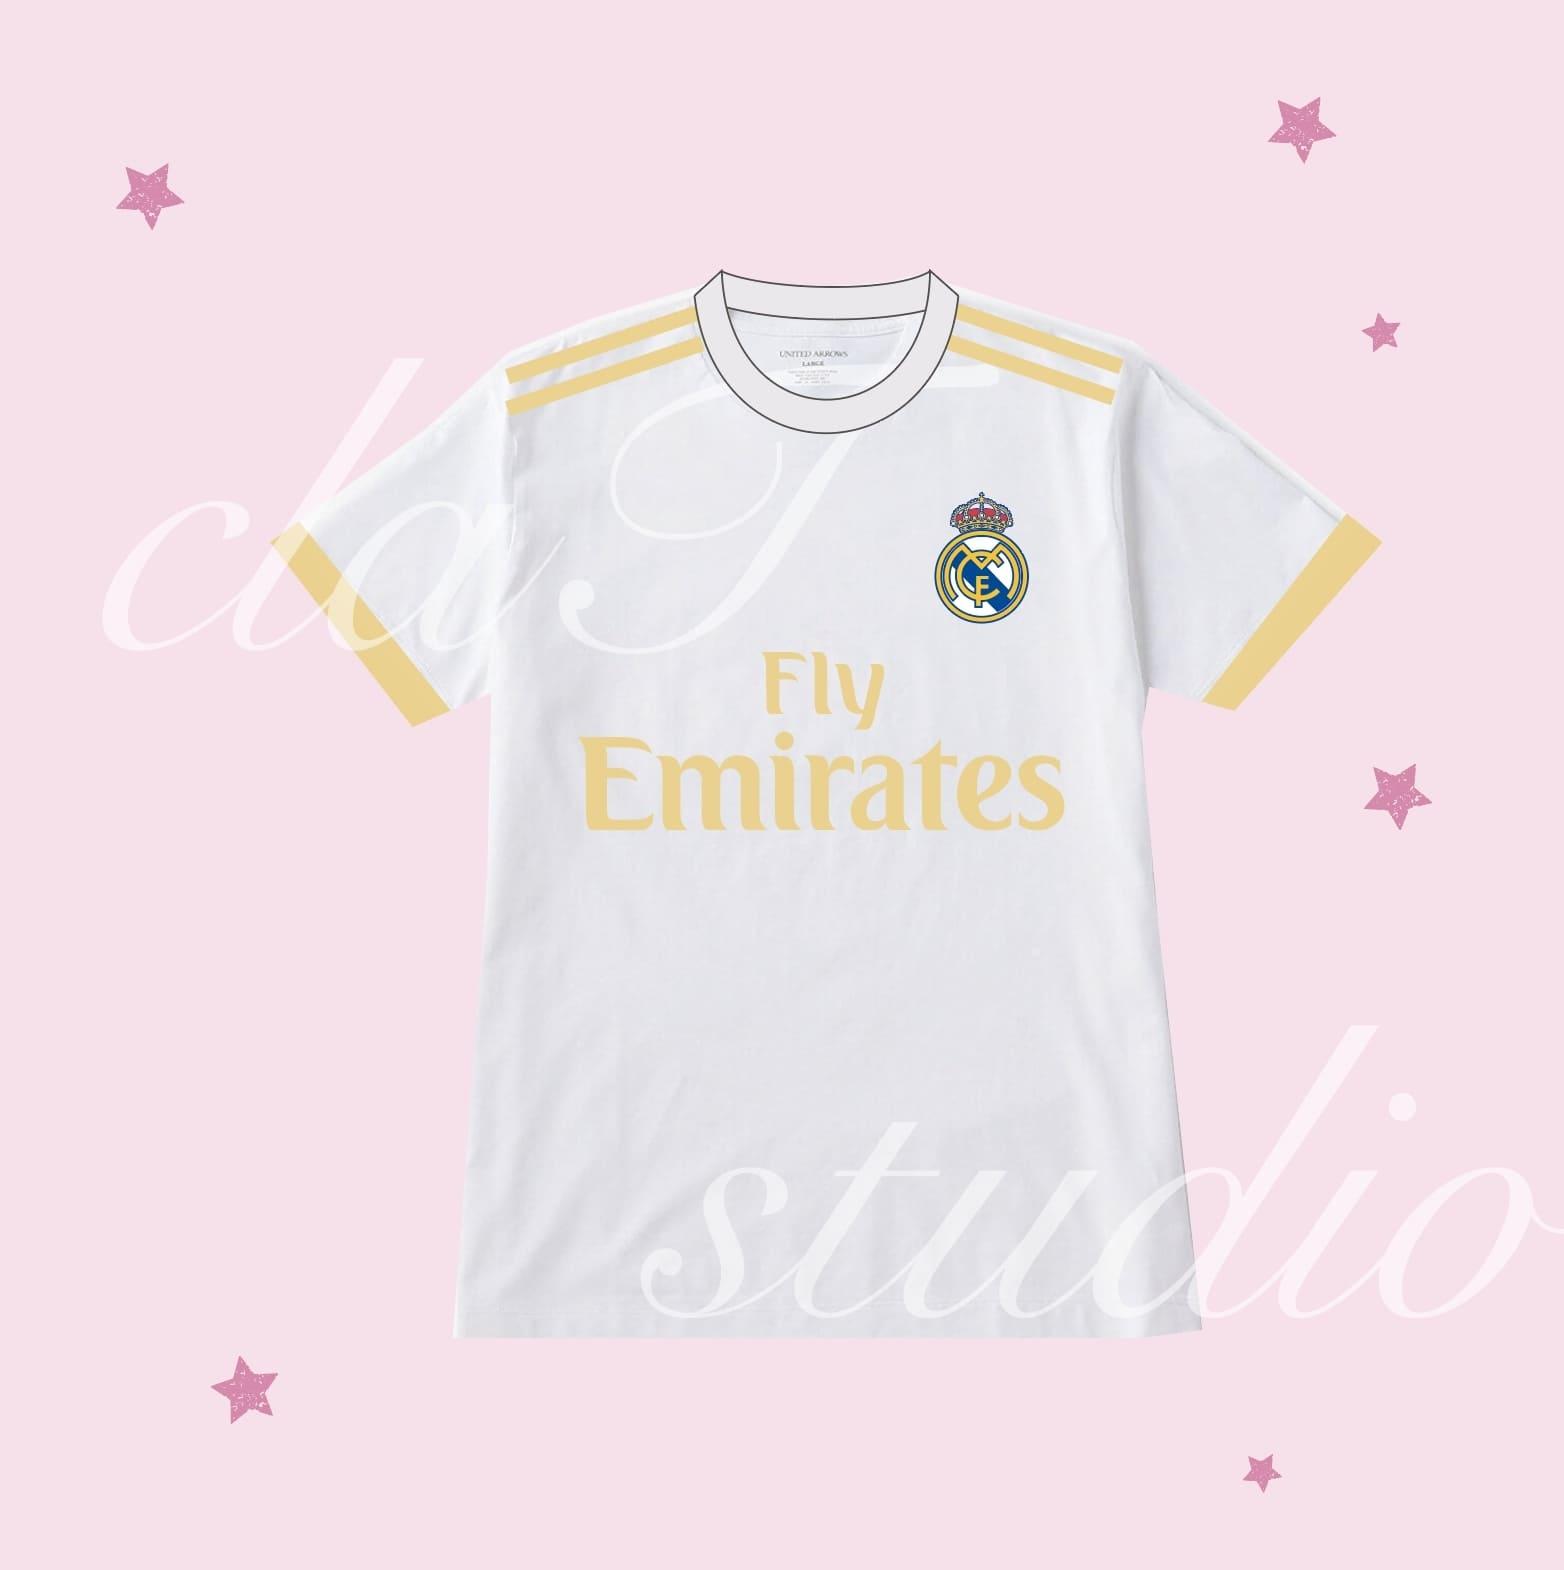 白のサッカーユニフォームクラスtシャツ_image_0002